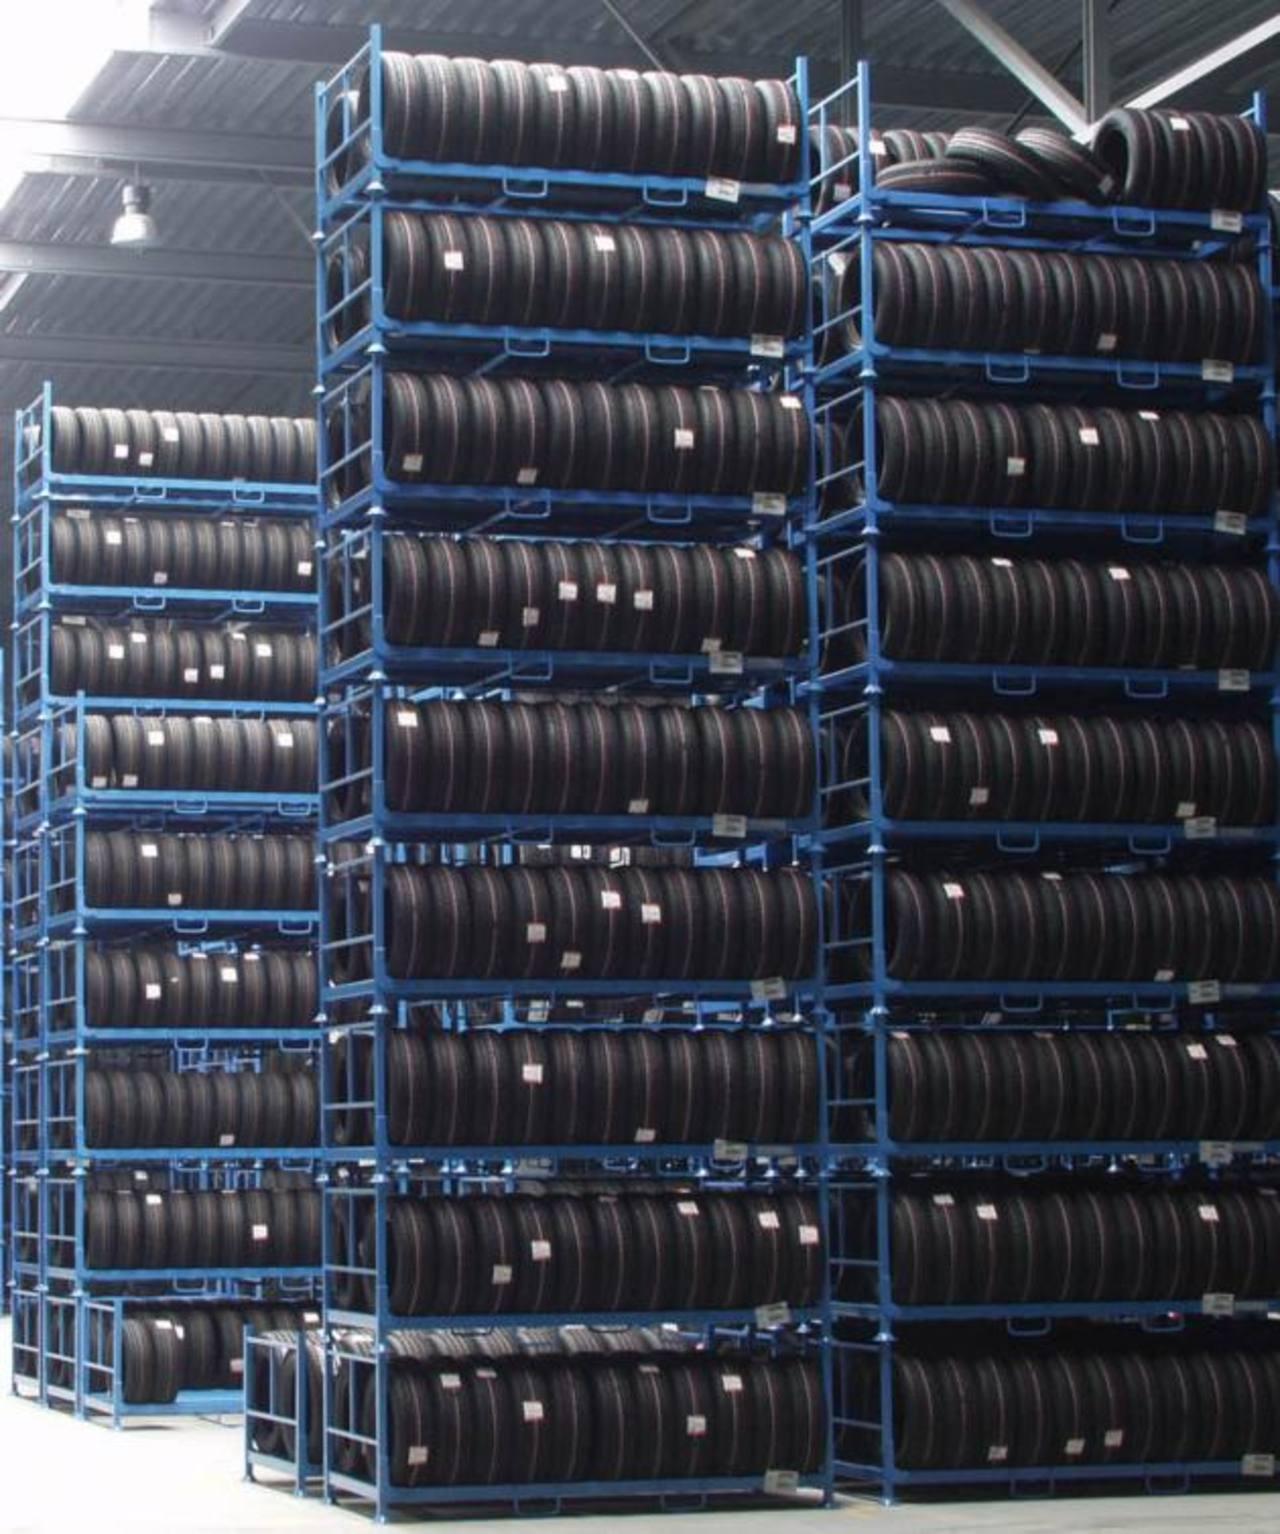 Bridgestone distribuye en unos 20 países del mundo. archivo